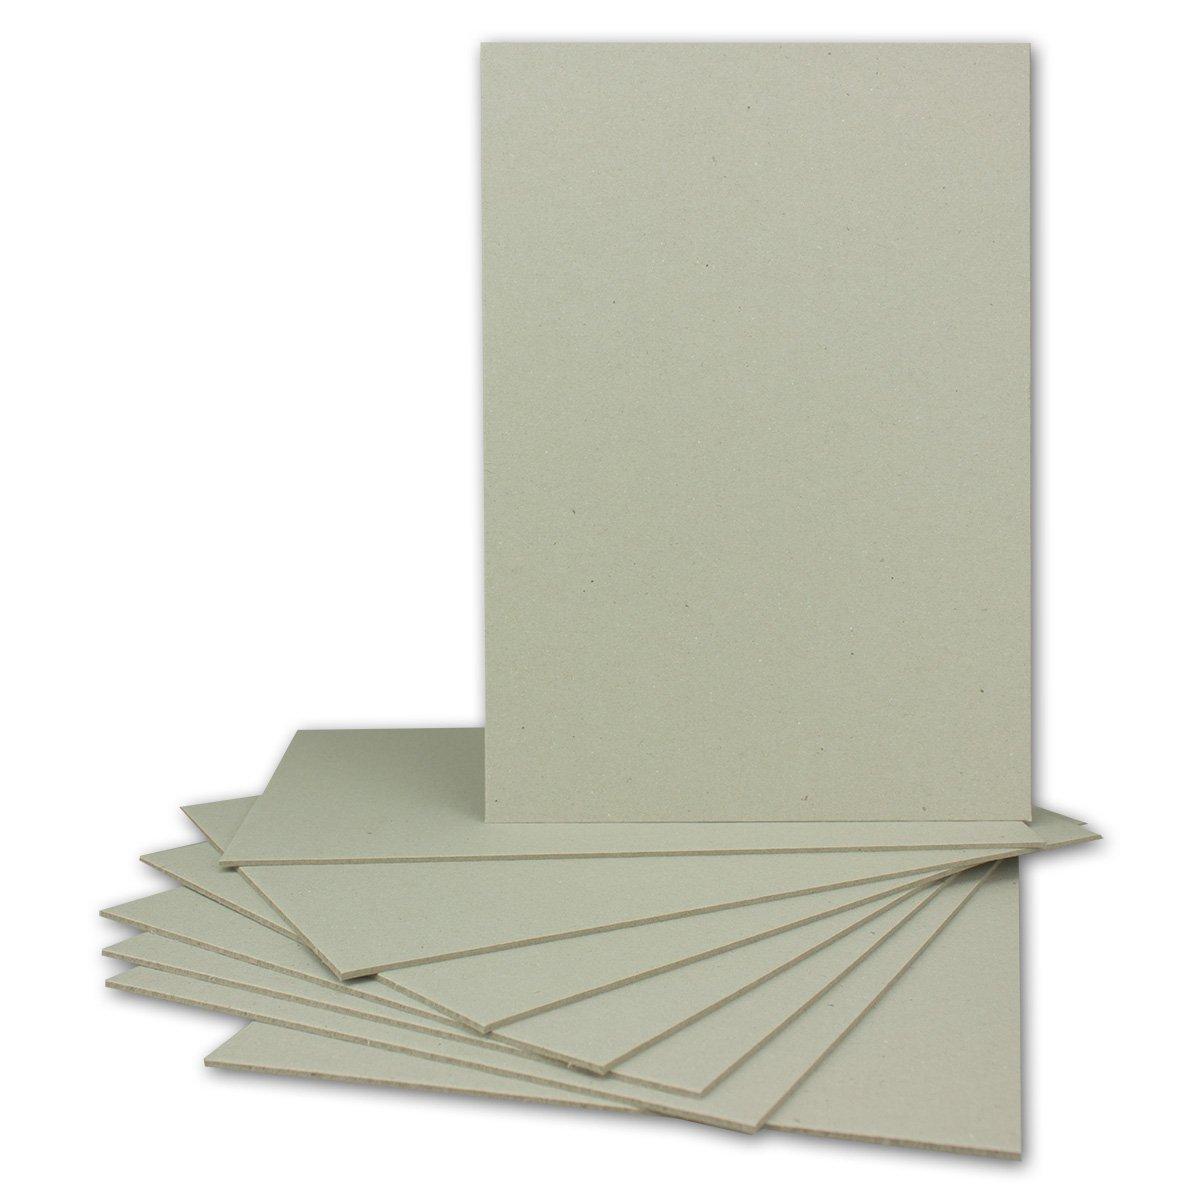 Neuser, cartone rigido per la rilegatura dei libri, formato A4 / A5 / A3 / C6 10 pezzi DIN A5 - 920 g/m² formato A4 / A5 / A3 / C6 10 pezzi DIN A5 - 920 g/m²